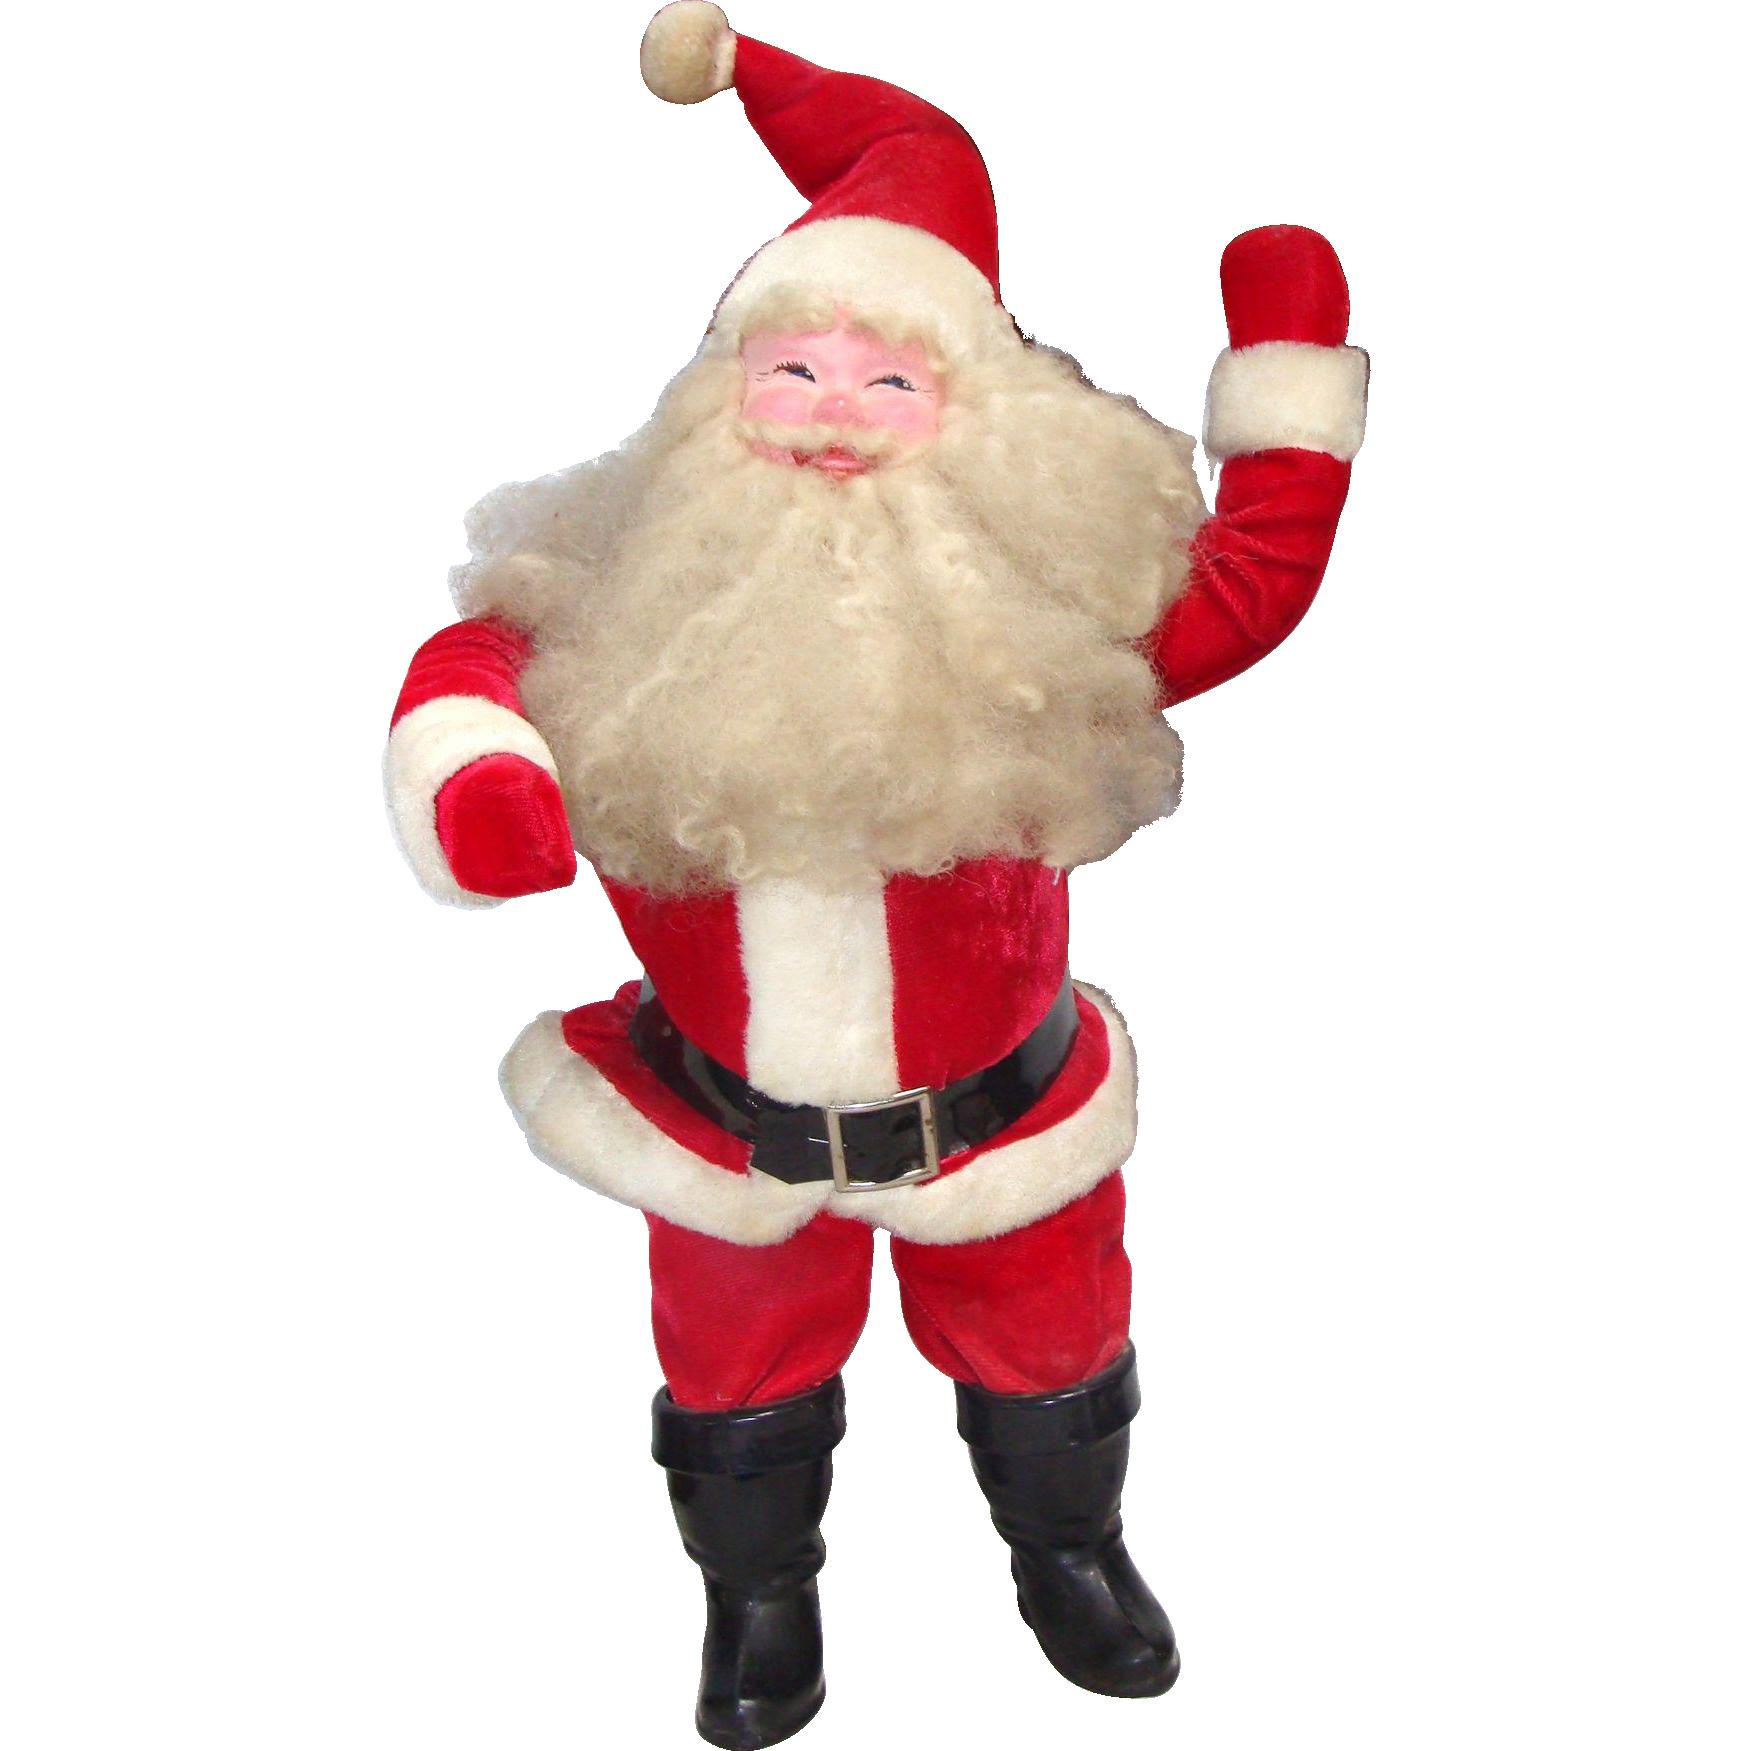 Large Harold Gale Display Santa